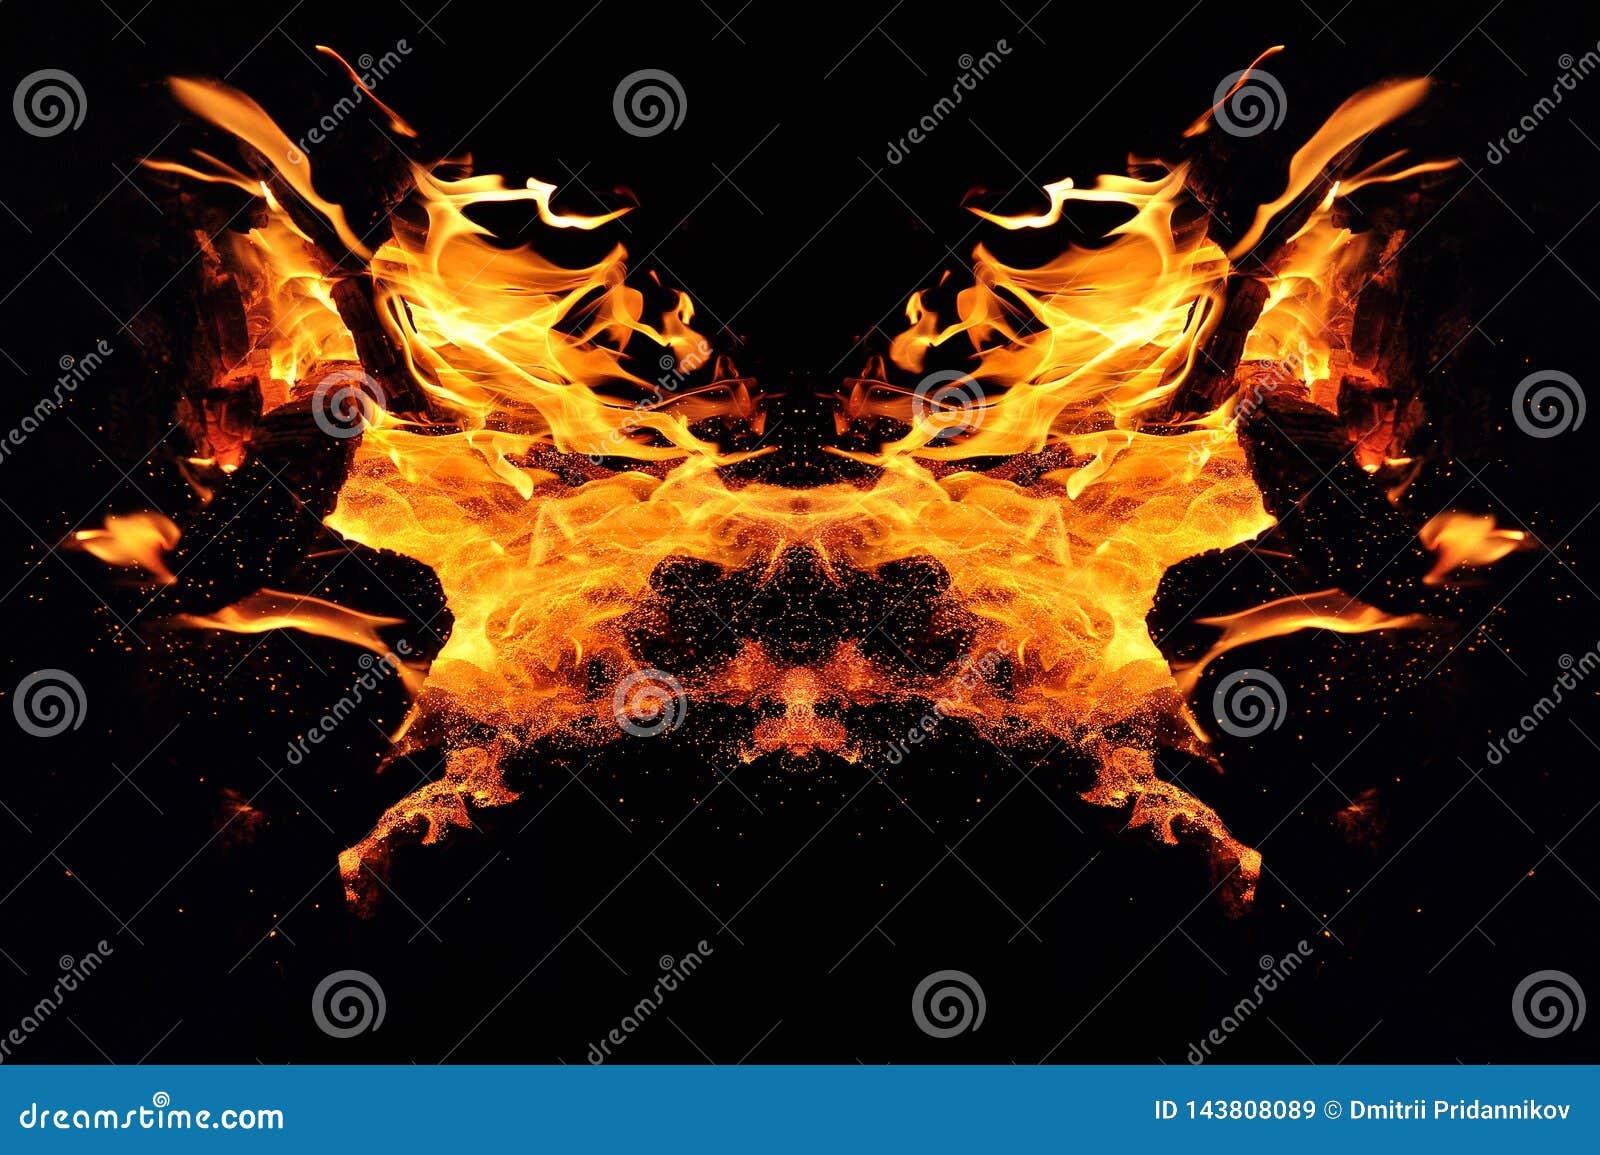 Αφαίρεση, καίγοντας πυρκαγιά με τους σπινθήρες Μυστικός τύπος πεταλούδας ή τέρατος Οριζόντια αντανάκλαση